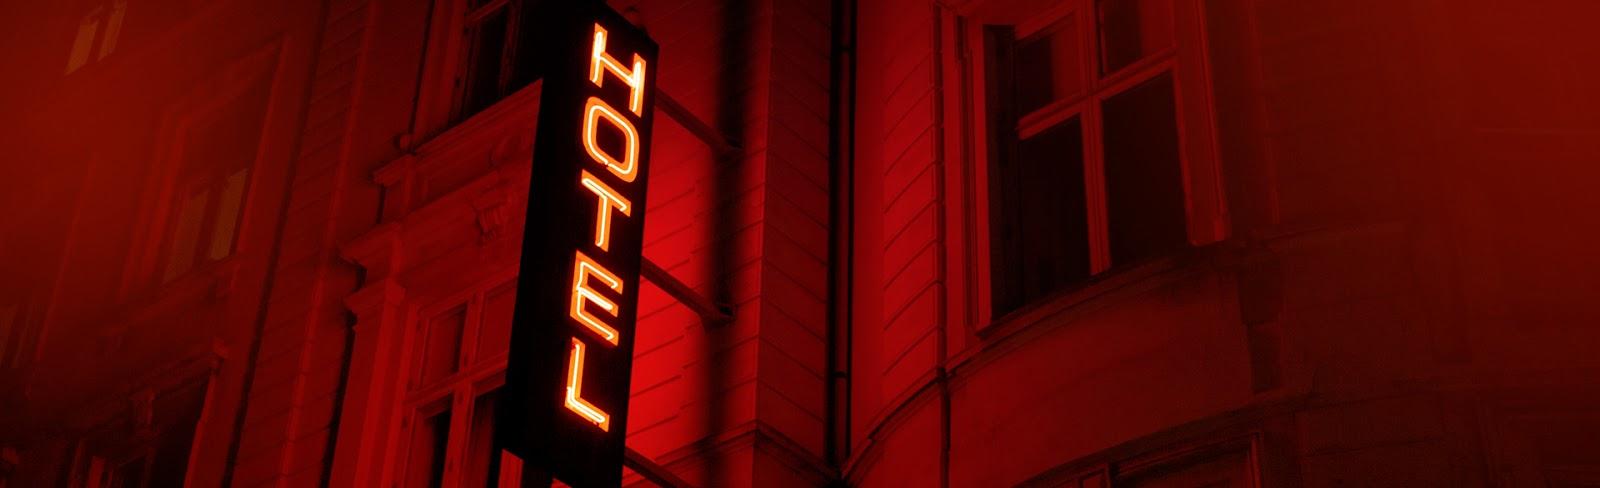 Disrupção na hotelaria: desafios e oportunidades